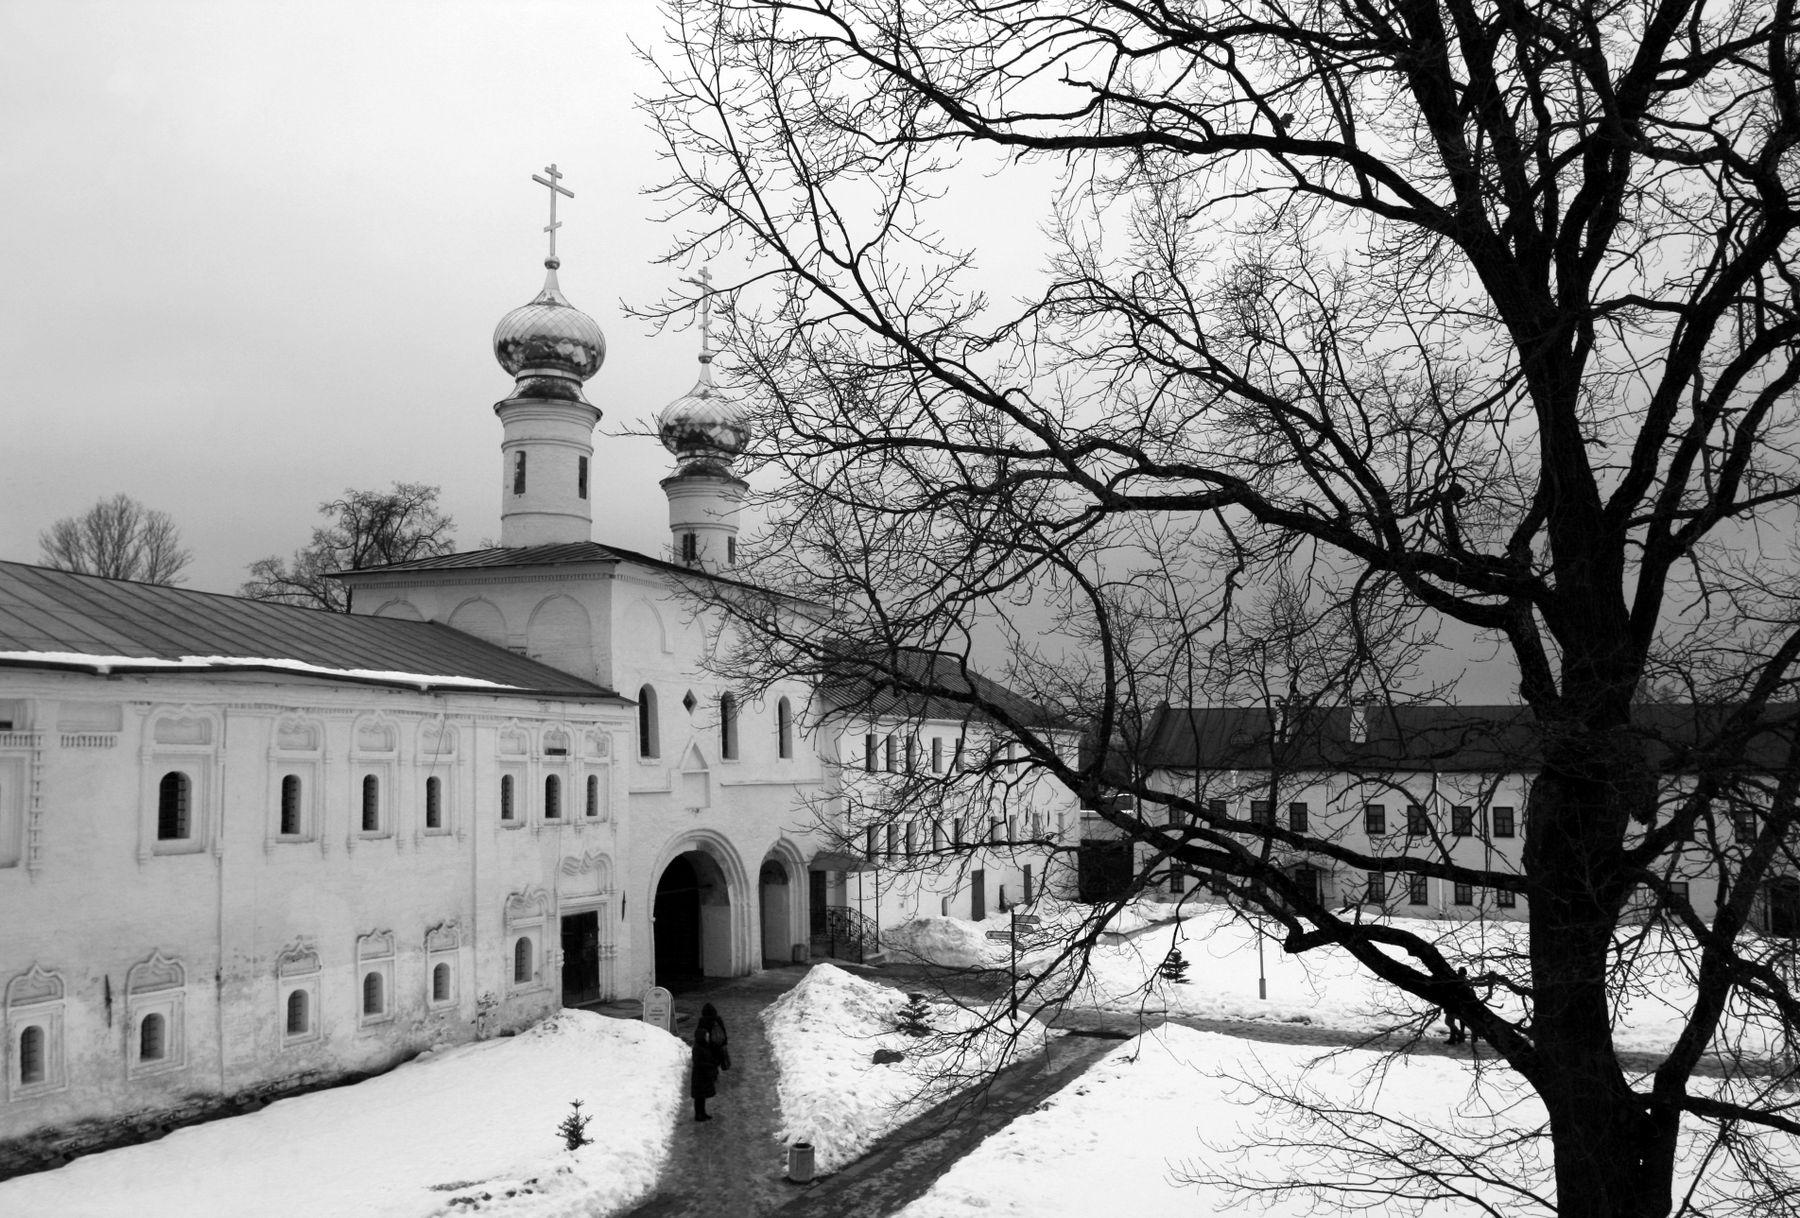 Тихвинский Успенский Богородичный монастырь Тихвинский Успенский Богородичный монастырь Златые Врата